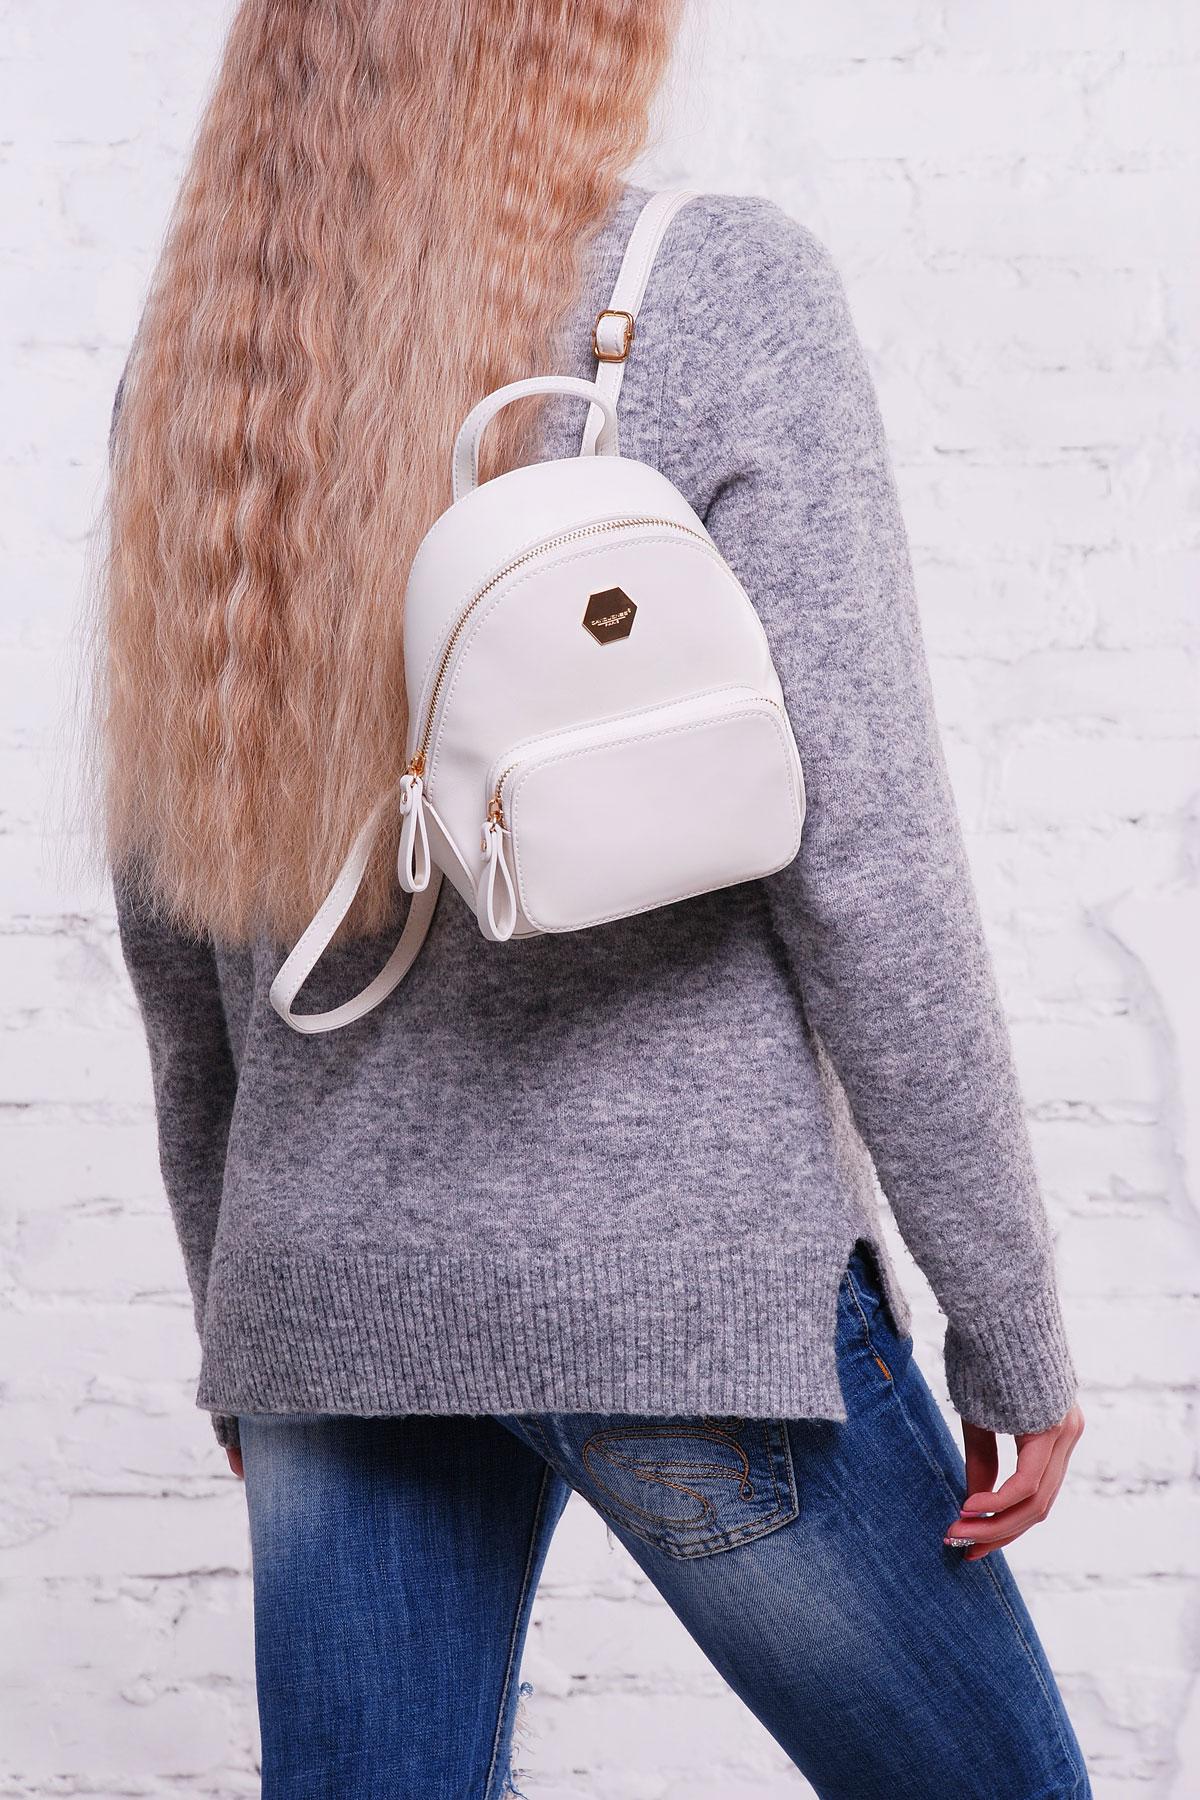 38a04a8508c4 Цвет  белый купить · женский мини рюкзак белого цвета. Рюкзак 5526-2. Цвет   белый цена